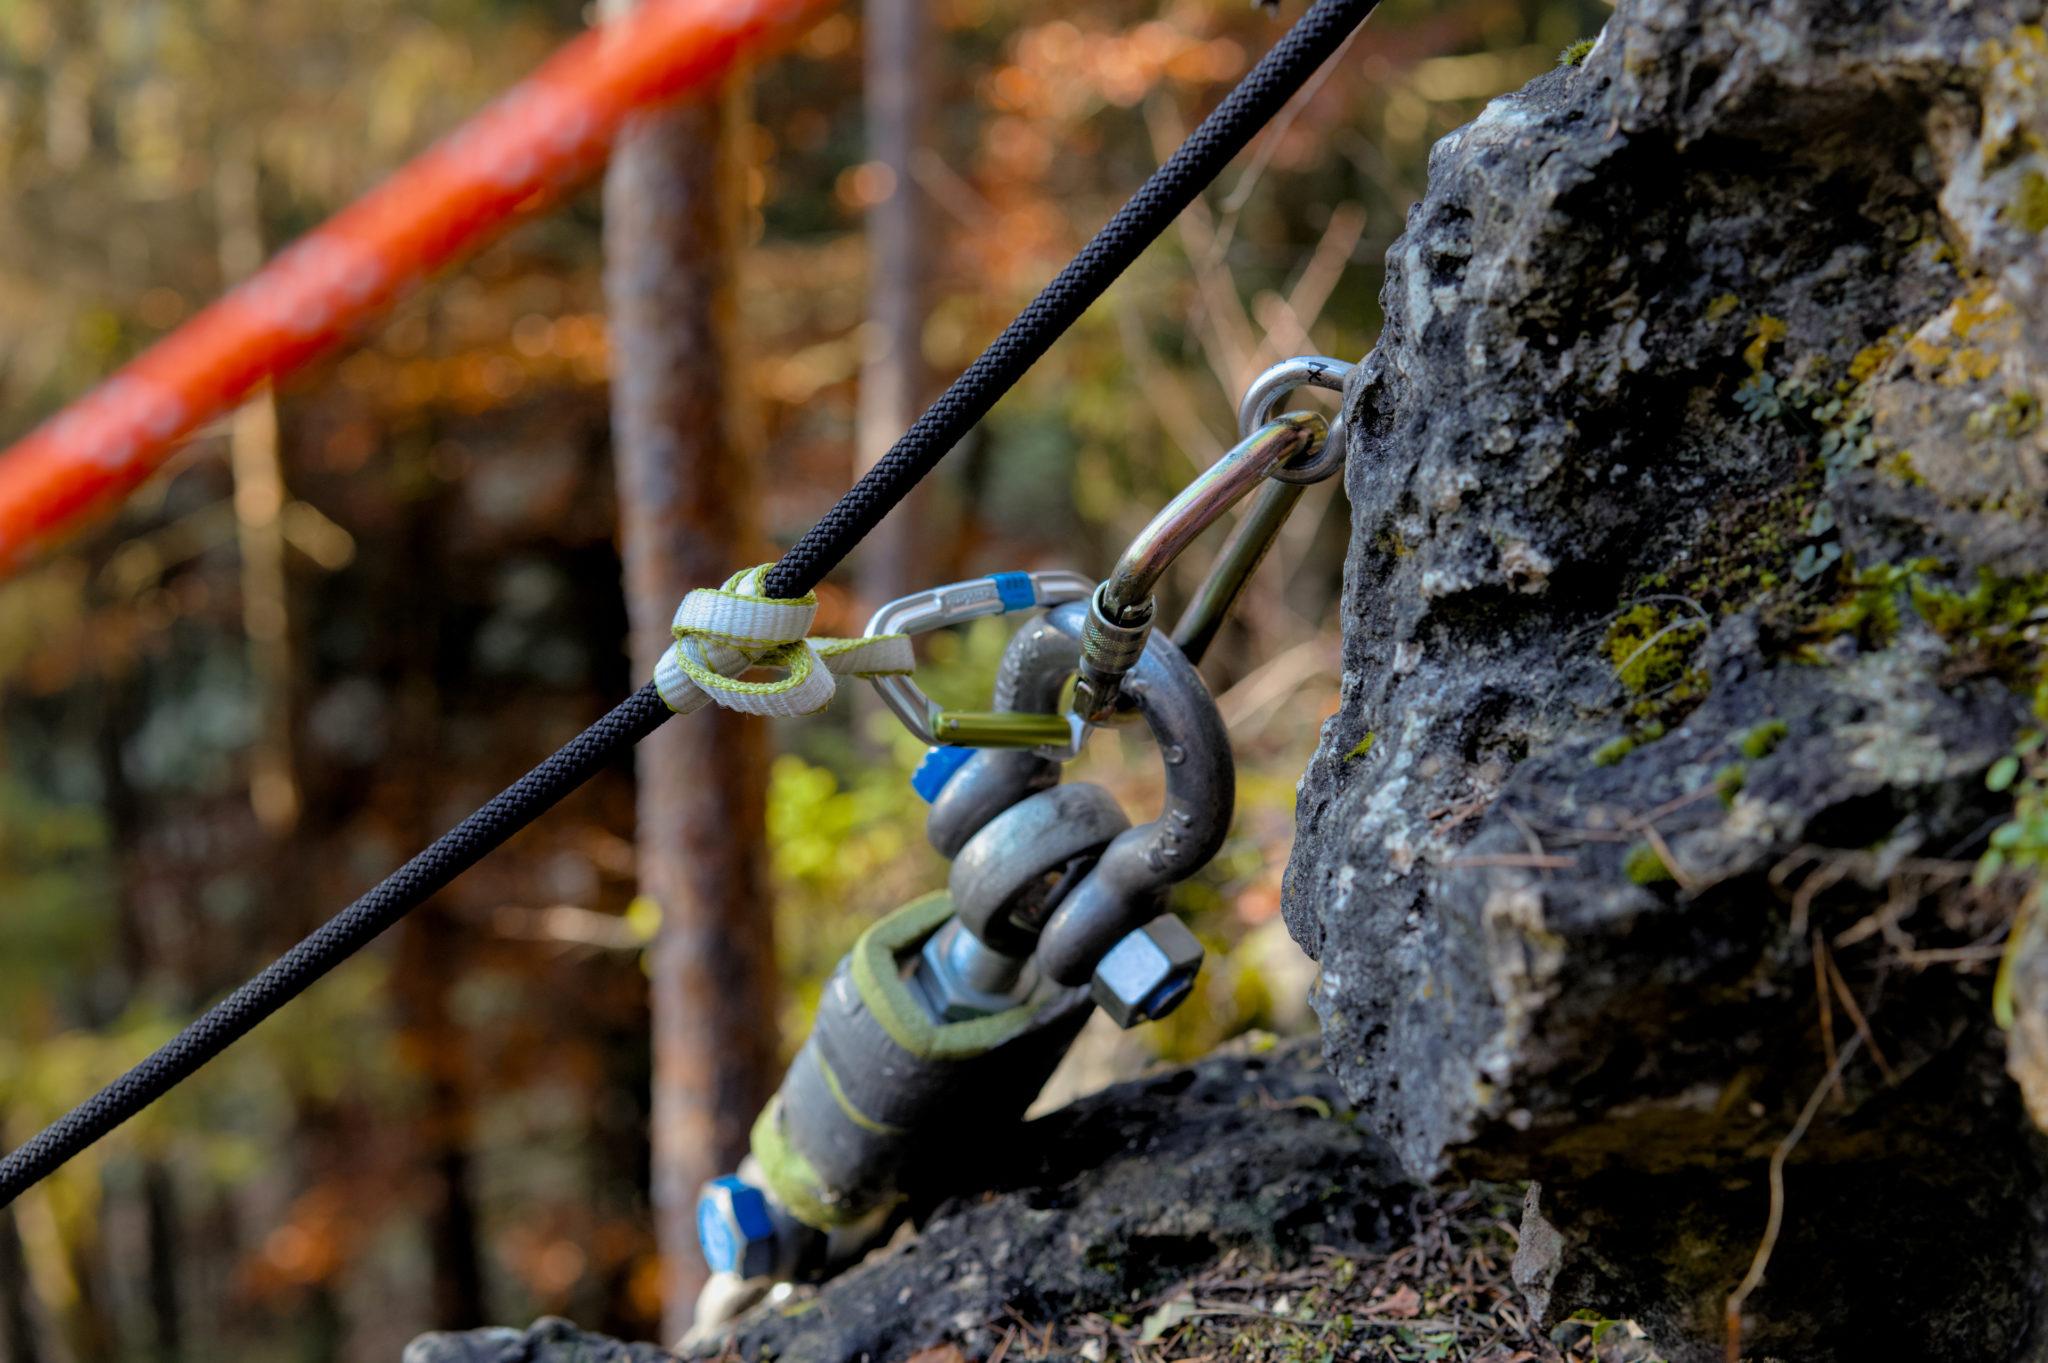 Das Bild zeigt den Versuchsaufbau zum Auszugstest eines Umlenkhakens